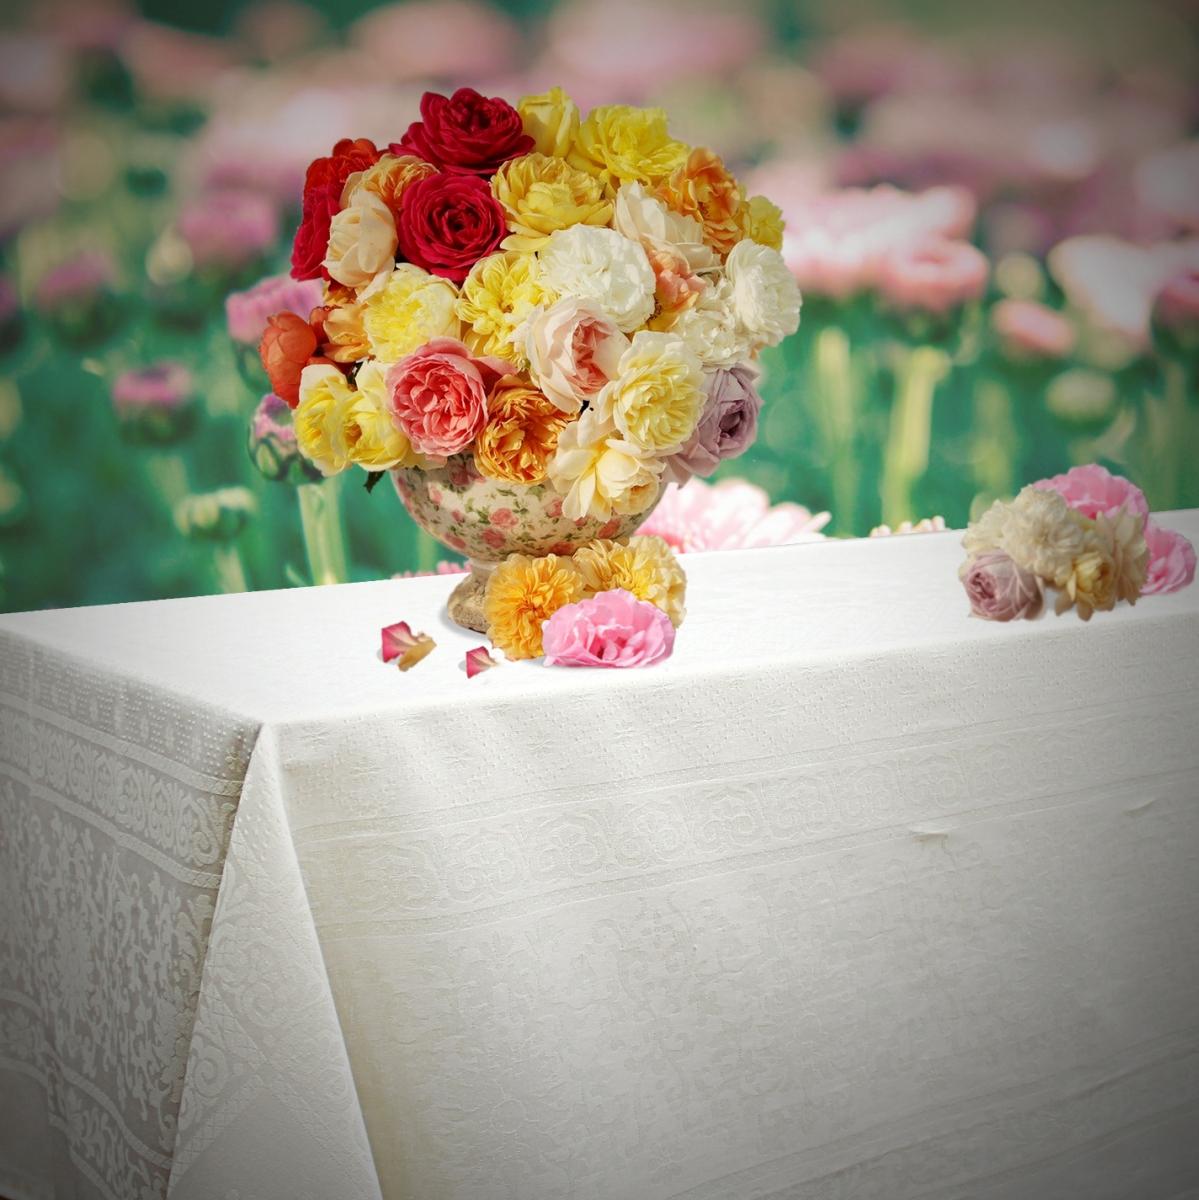 Скатерть Bon Appetit Harmony, цвет: белый, 145 x 220 см49251Скатерть Bon Appetit Harmony изготовлена из полиэстера и хлопка, органично впишется в интерьер и станет лучшим украшением праздничного стола и повседневного домашнего интерьера. Изделие по всей поверхности украшено нитями в виде ажурного орнамента. Скатерть создаст необходимую атмосферу уюта, комфорта и тепла, послужит отличным подарком на любое торжество, будь то юбилей, день рождение, годовщина свадьбы.